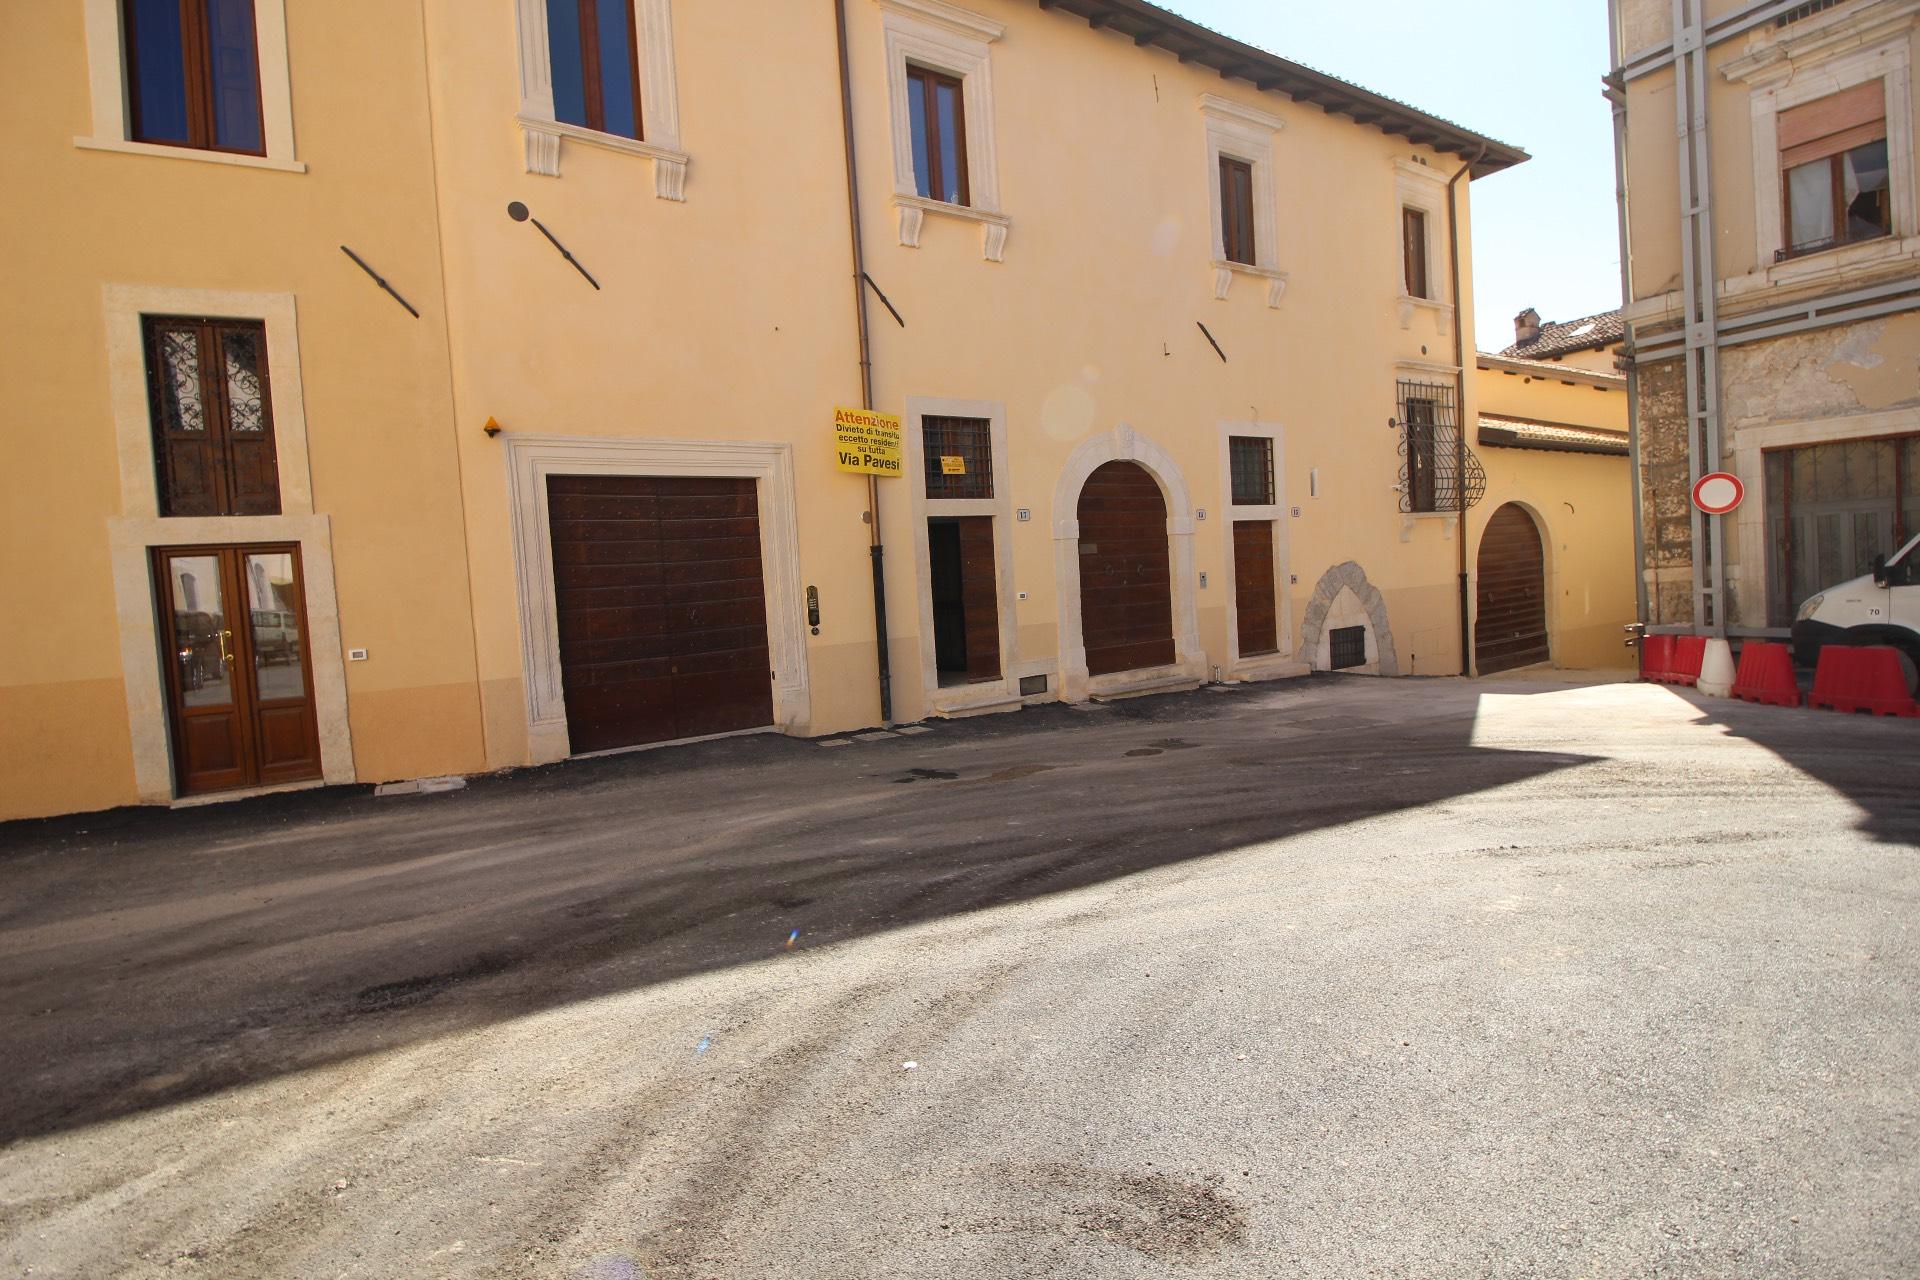 Negozio / Locale in affitto a L'Aquila, 9999 locali, zona Località: Centrostorico, prezzo € 1.650 | CambioCasa.it